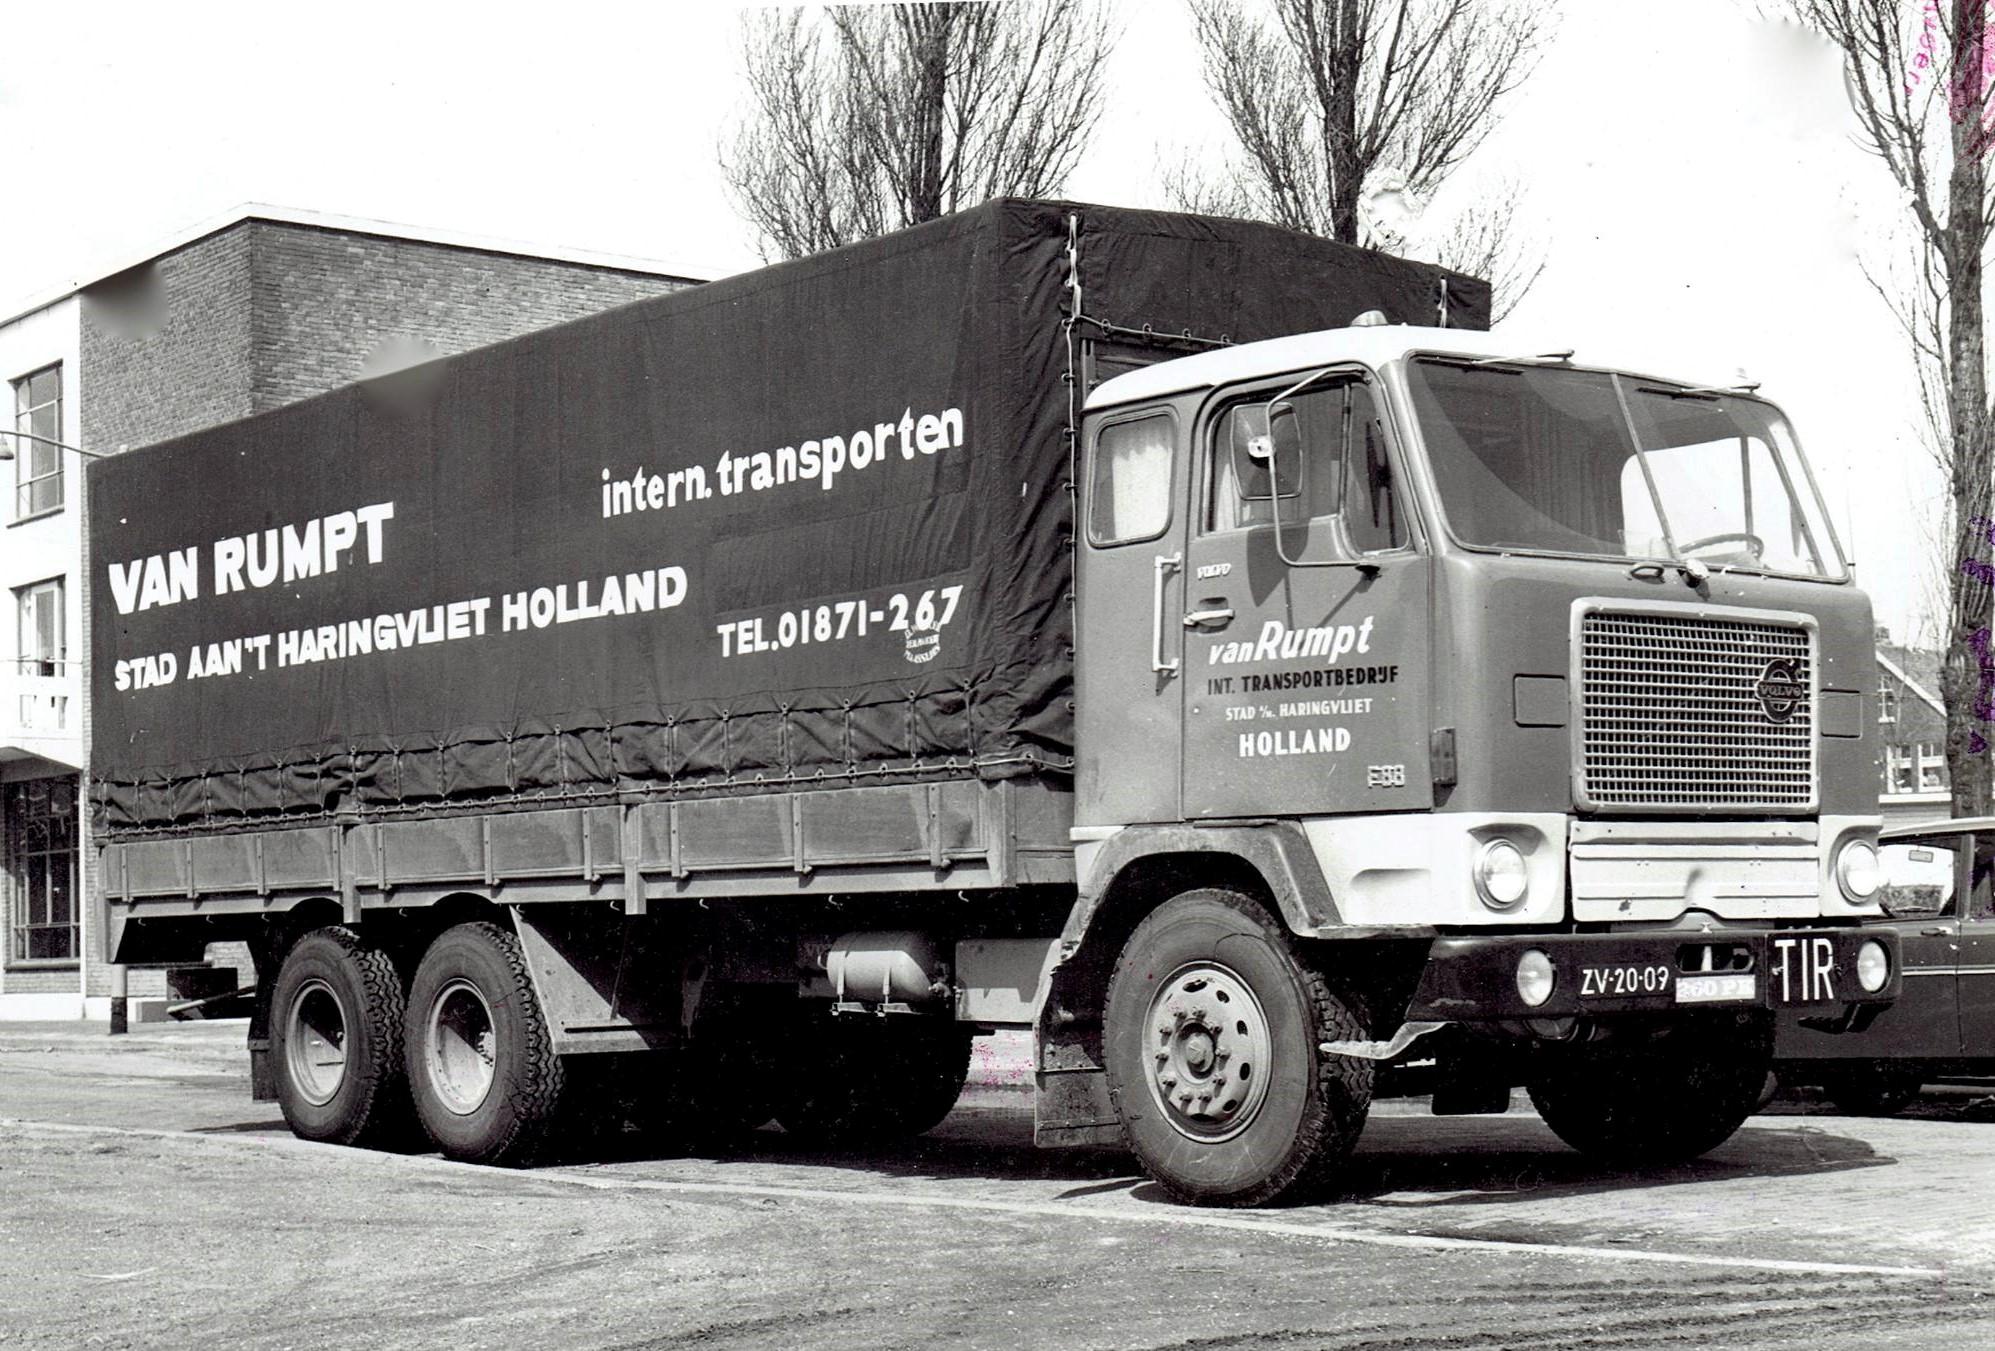 Volvo-F88-4-X-de-zelfde-wagen-Andre-Zuidijk-foto-6